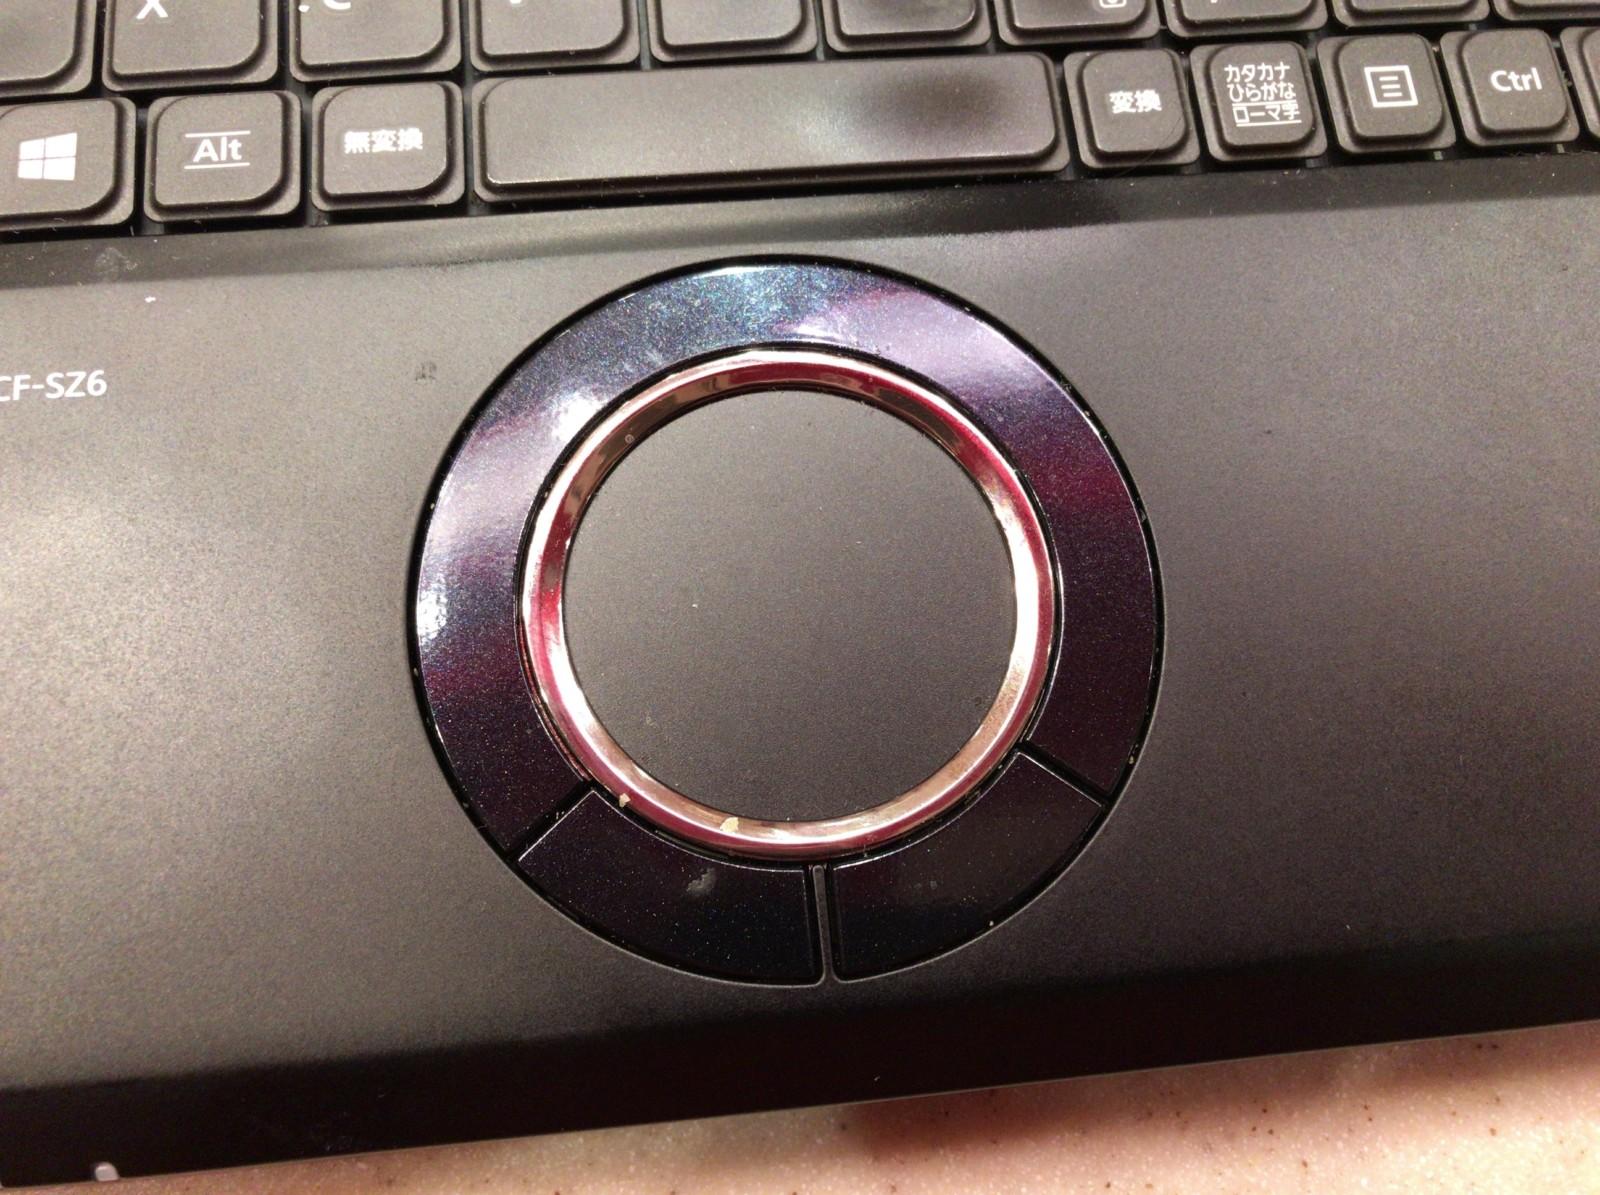 ノート パソコン タッチ パッド 動か ない